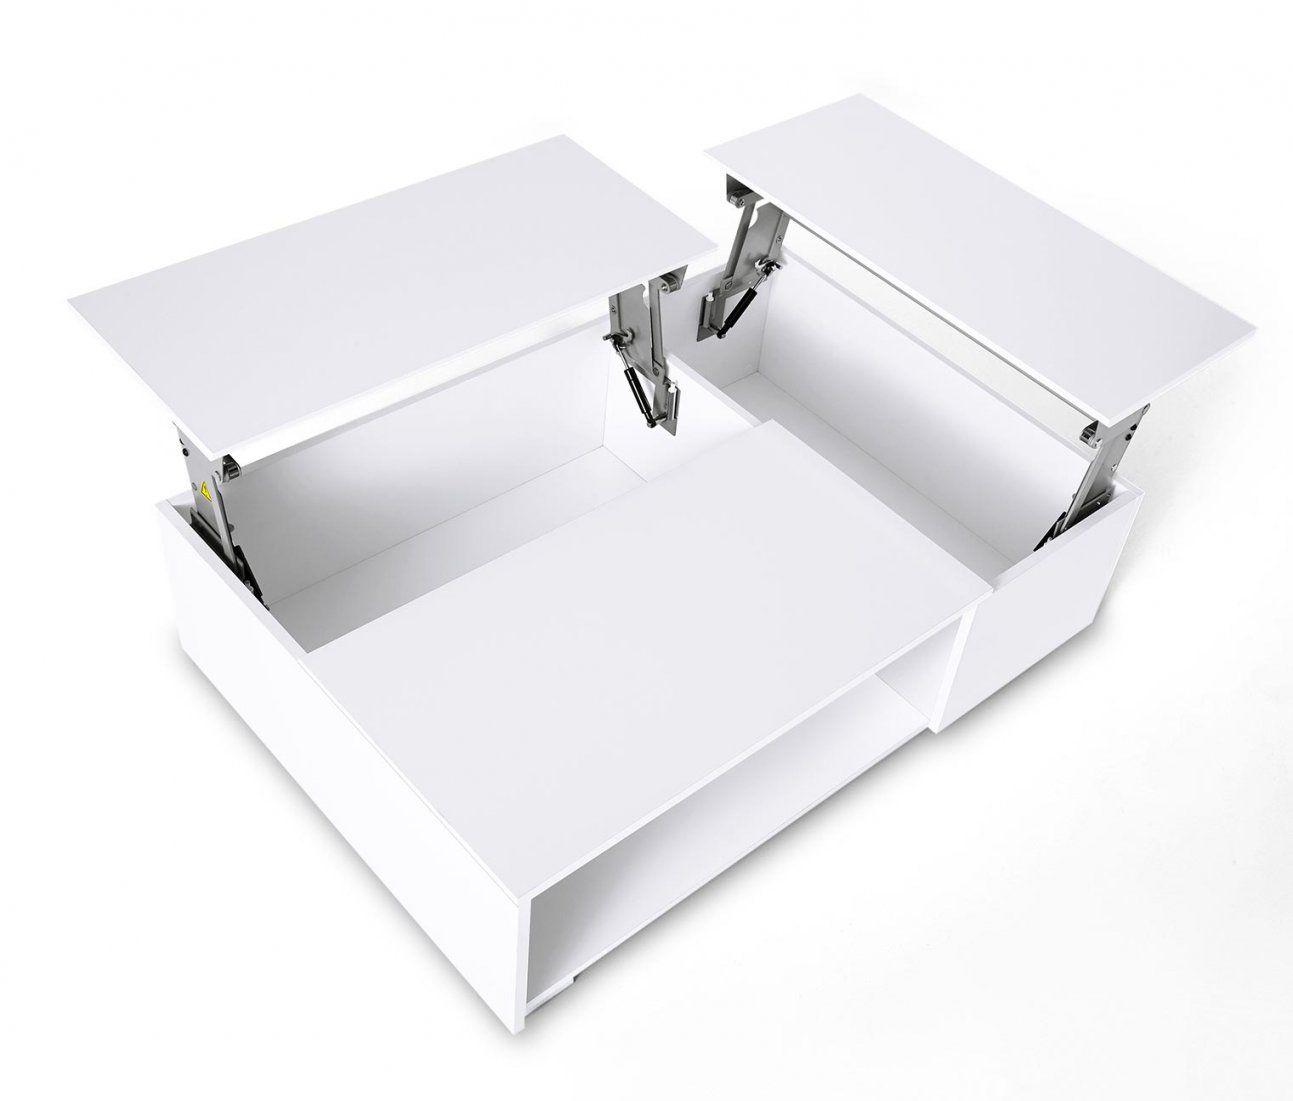 Funktionscouchtisch Weiß Online Bestellen Bei Tchibo 309258 von Tchibo Couchtisch Weiß Bild